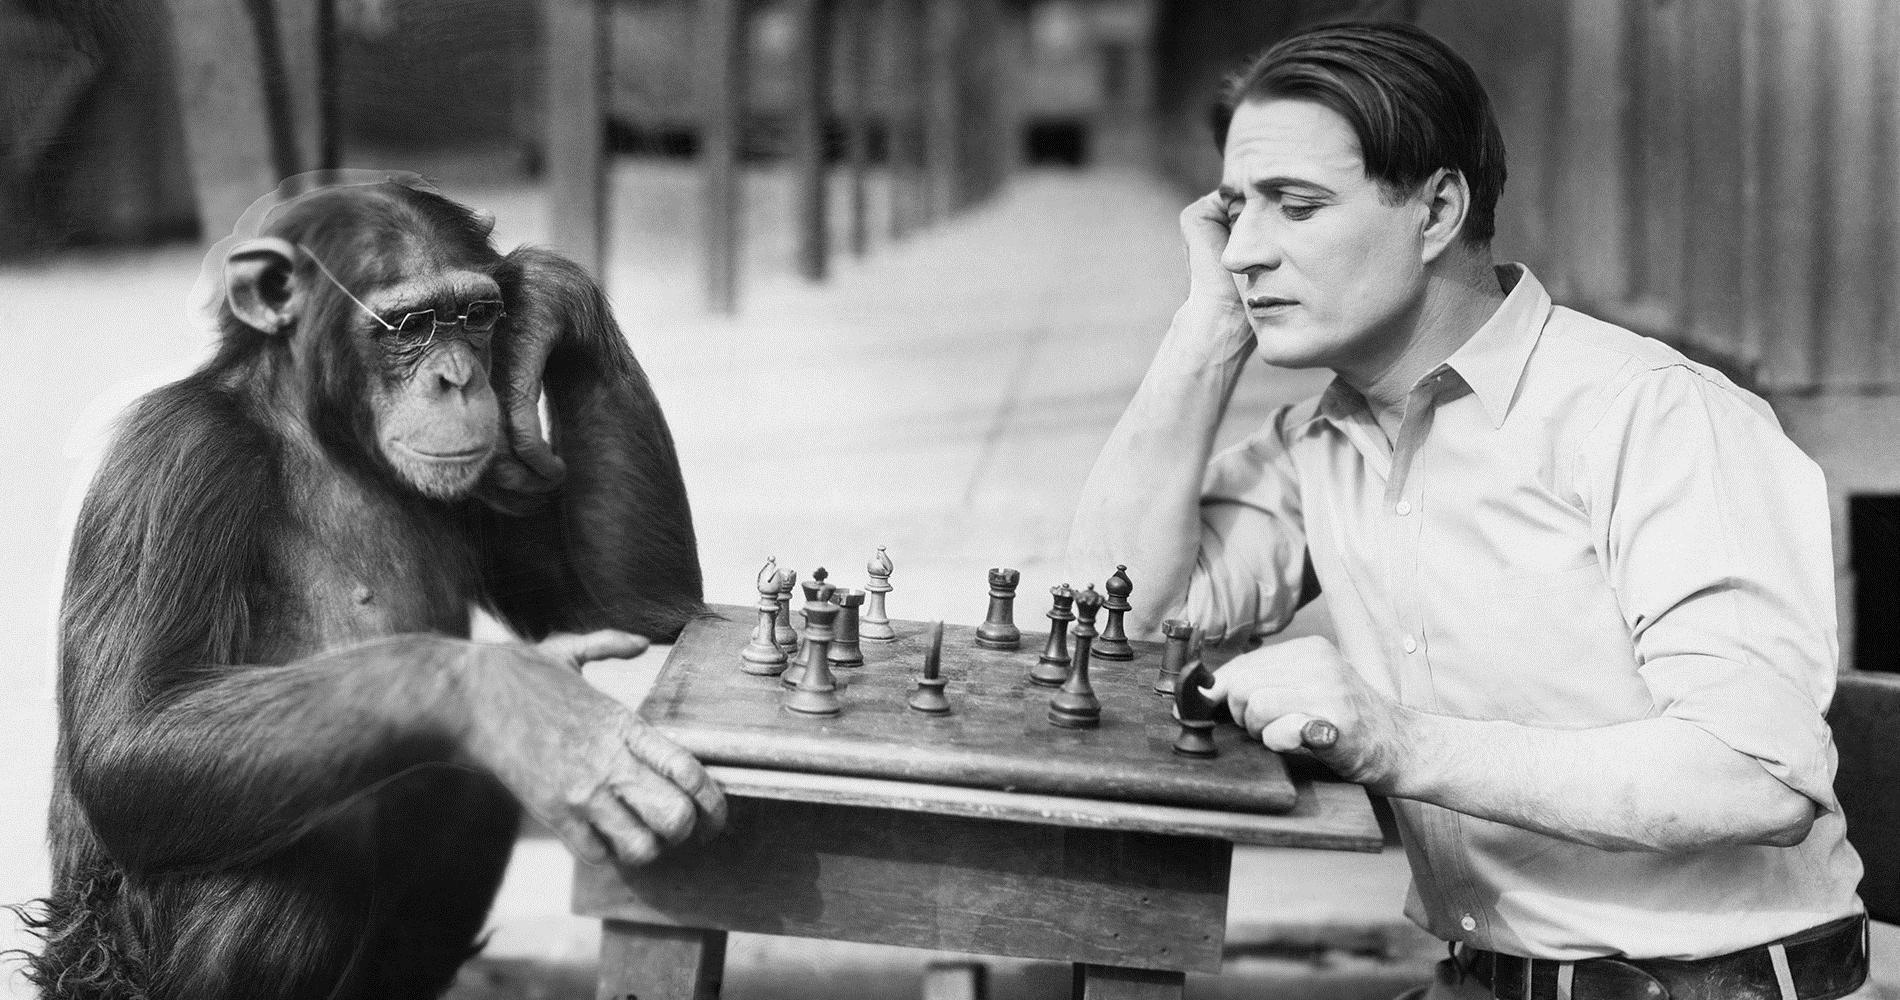 Насколько отличается мозг человека и обезьяны?